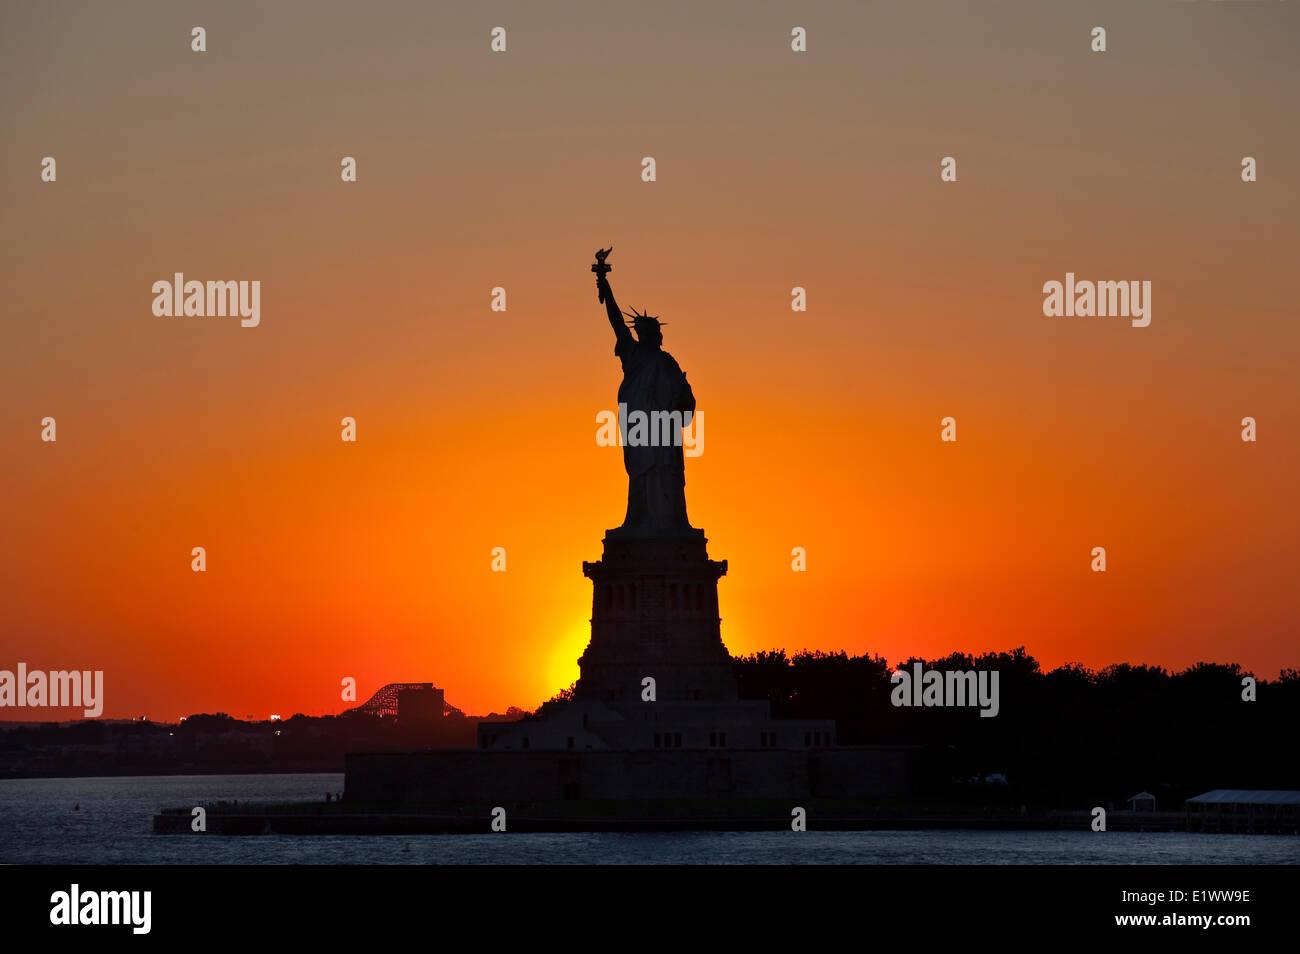 La silhouette de la Statue de la liberté contre le soleil couchant photographié. Liberty Island, New York, Photo Stock